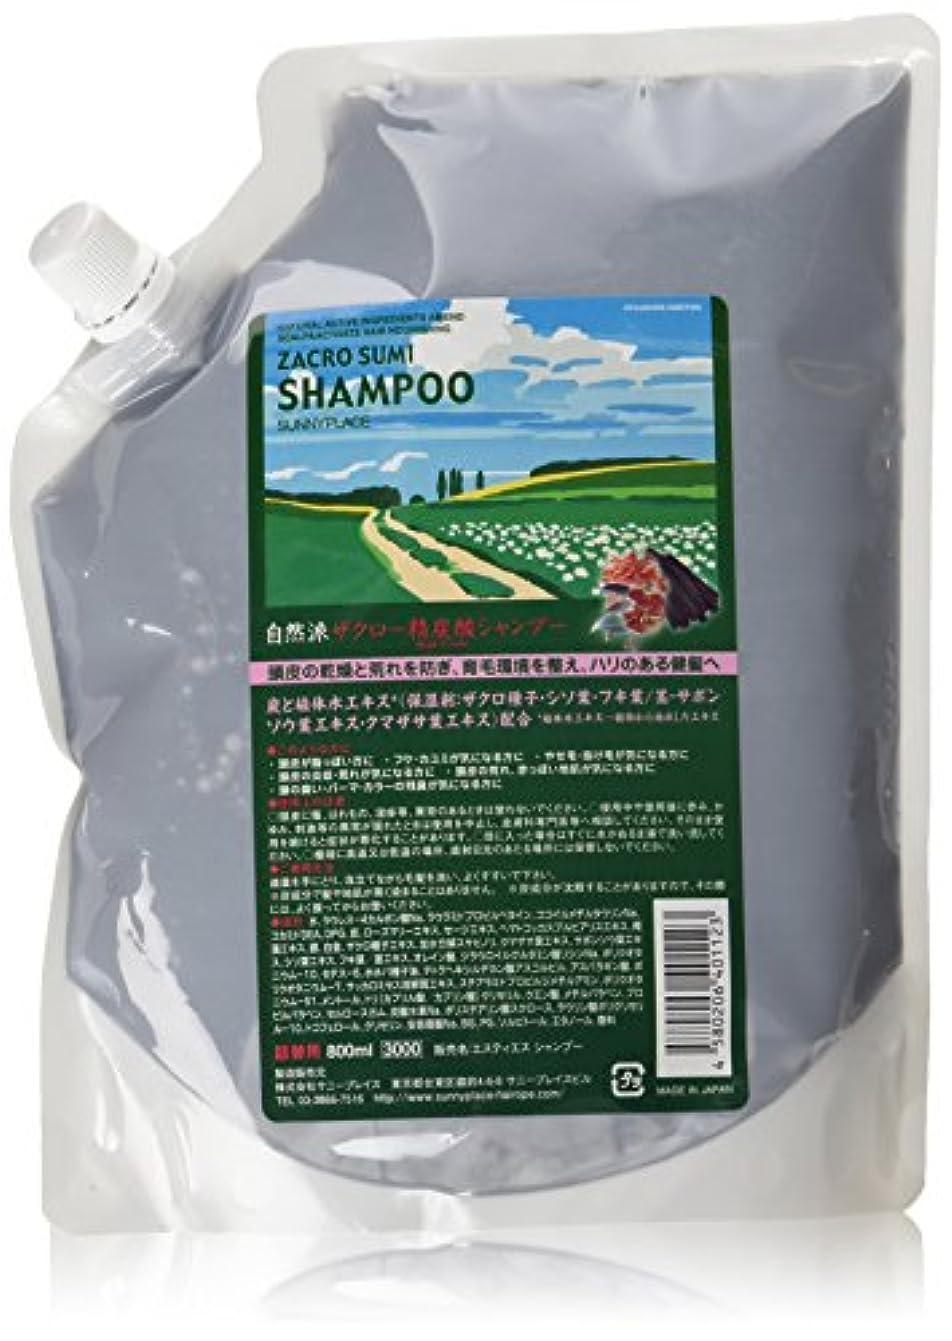 抽出イブニングウィザードサニープレイス ザクロ精炭酸シャンプー 800ml 詰め替え用 2本セット